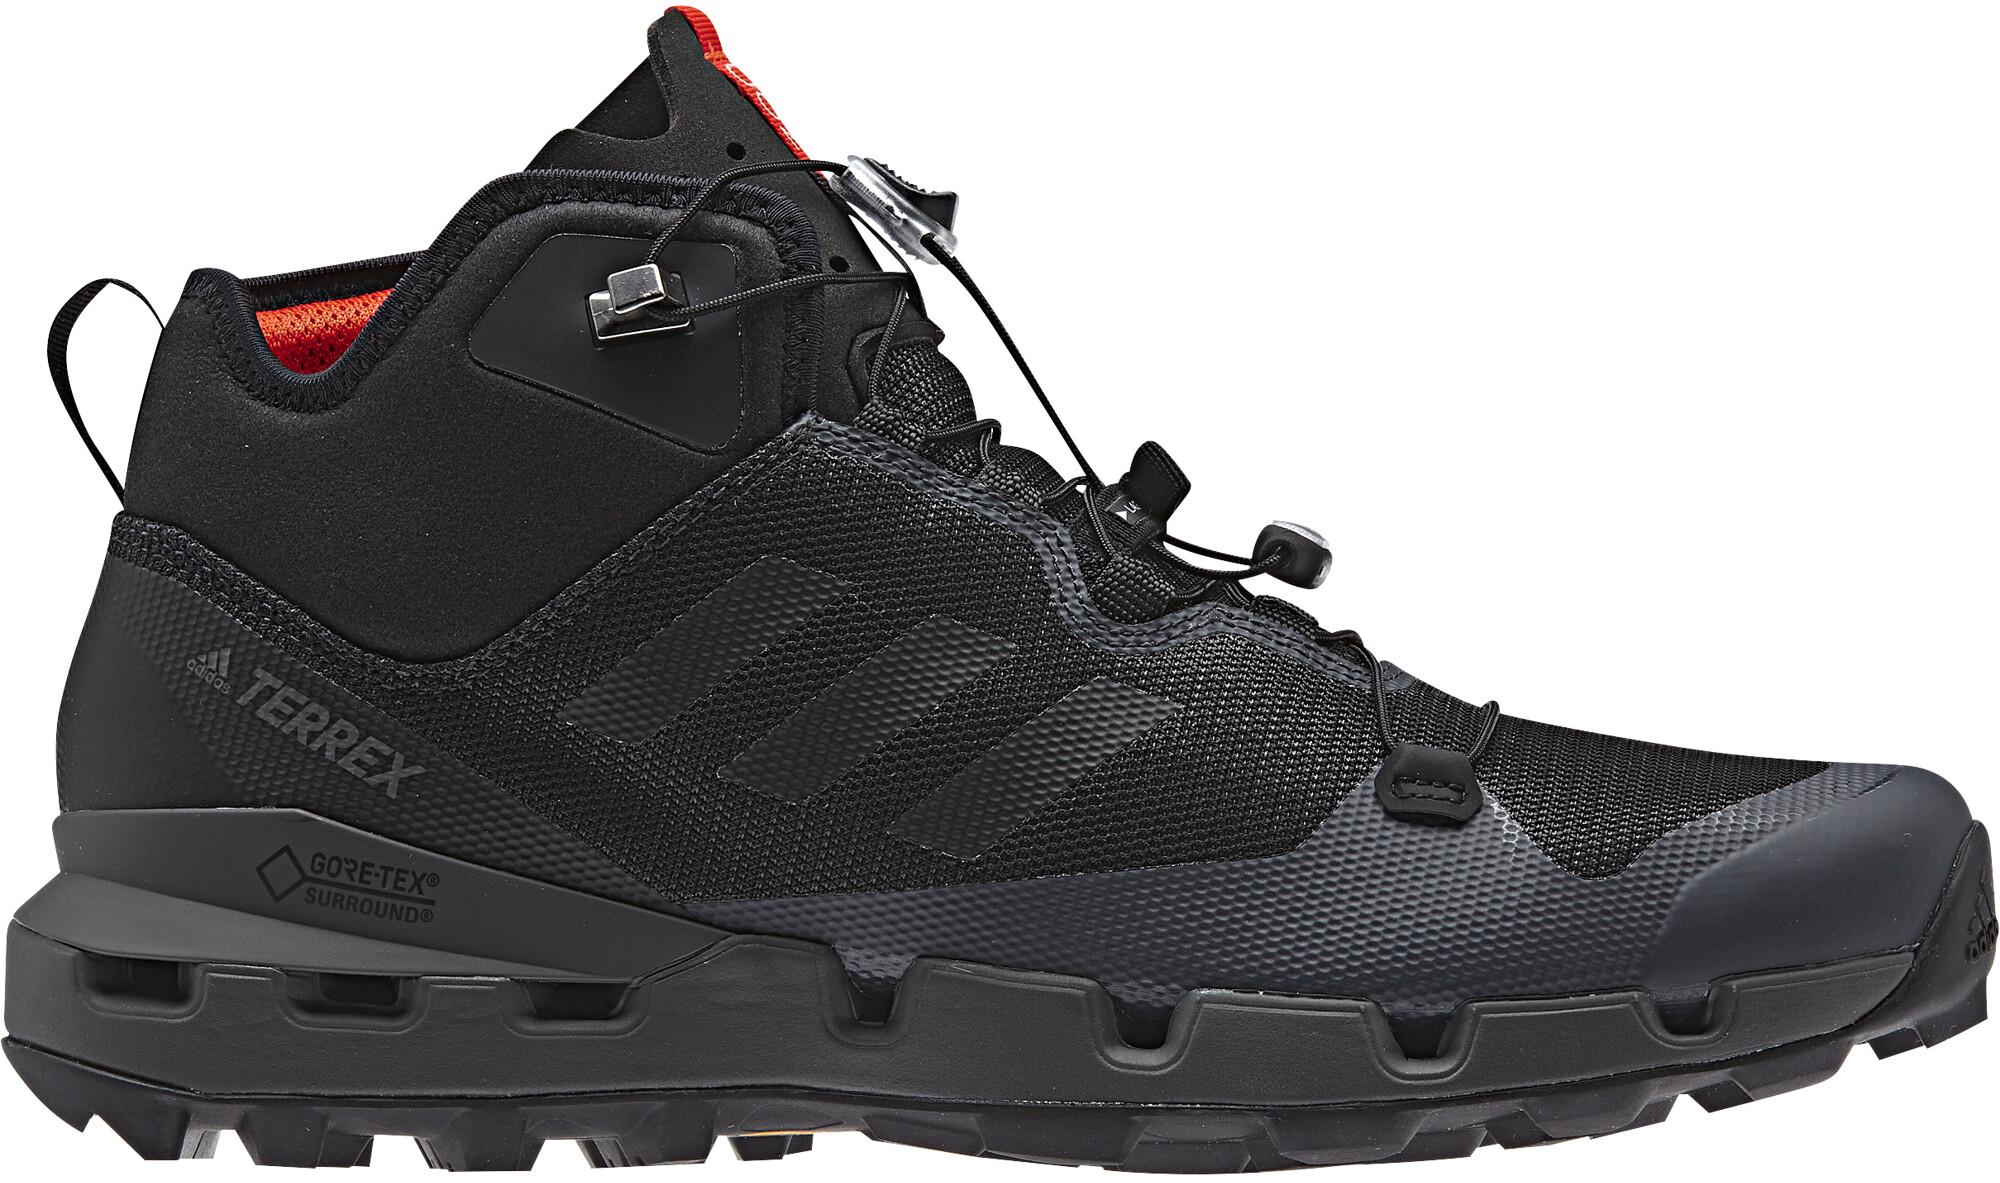 8f14464ef05 adidas TERREX Fast Mid GTX-Surround - Calzado Hombre - negro